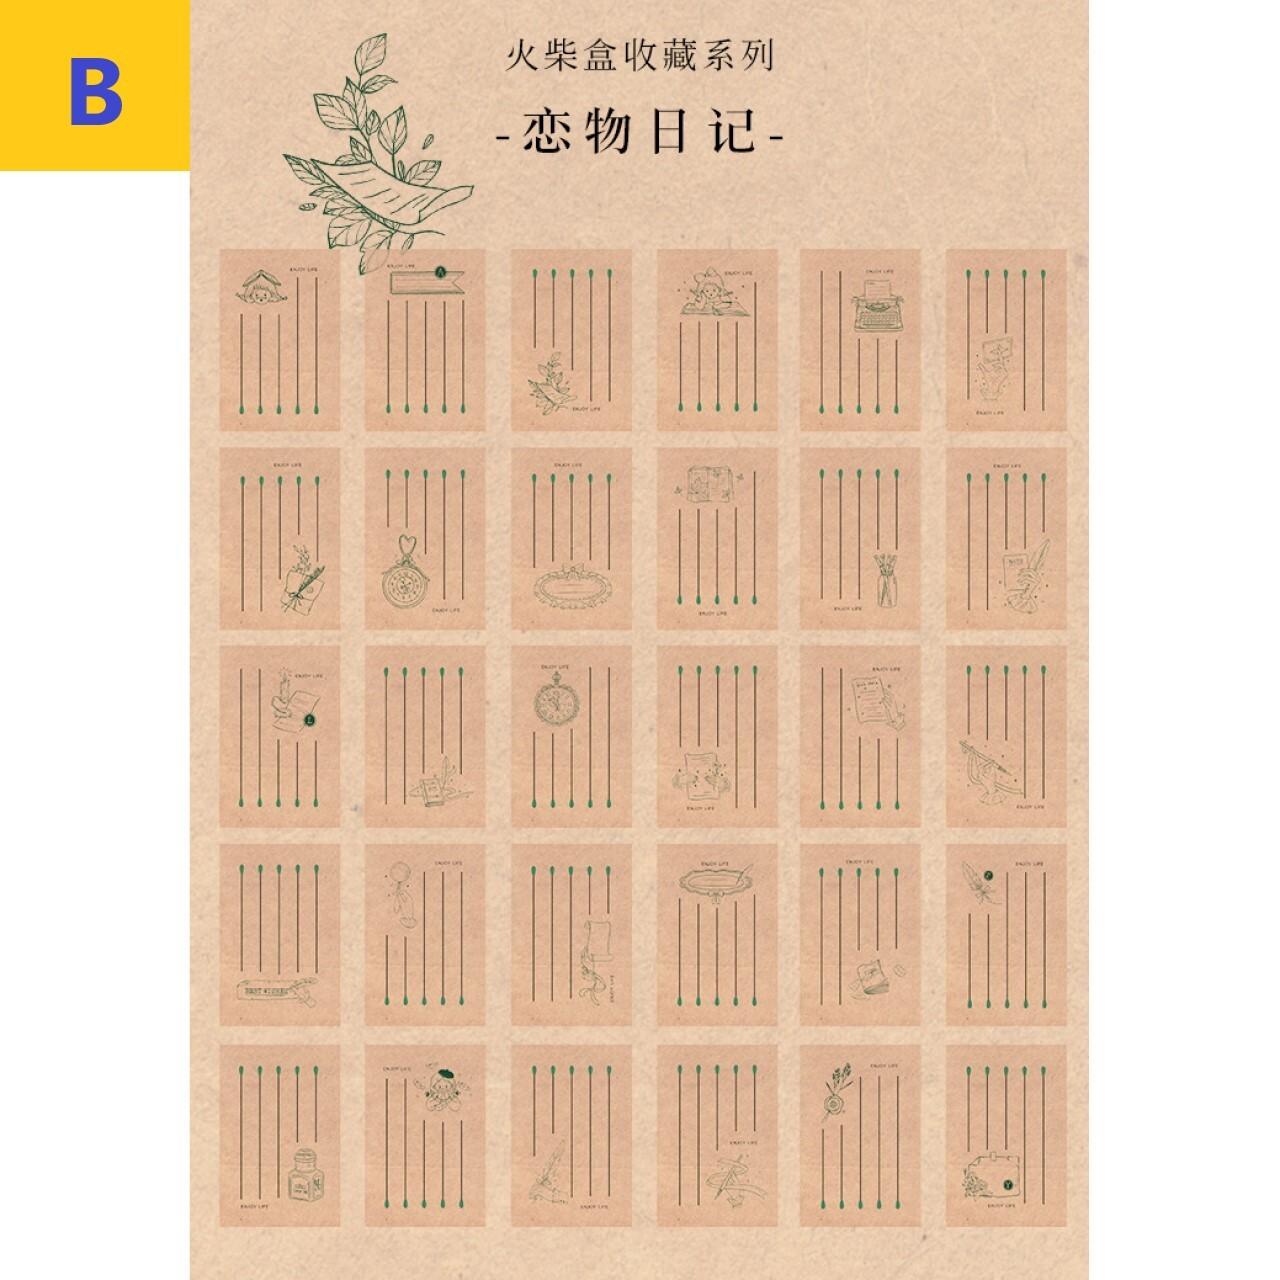 メモパッド 素材紙 全4種 箱入 きのこ 植物 蝶 海外製 ほぼ日手帳 コラージュ B06